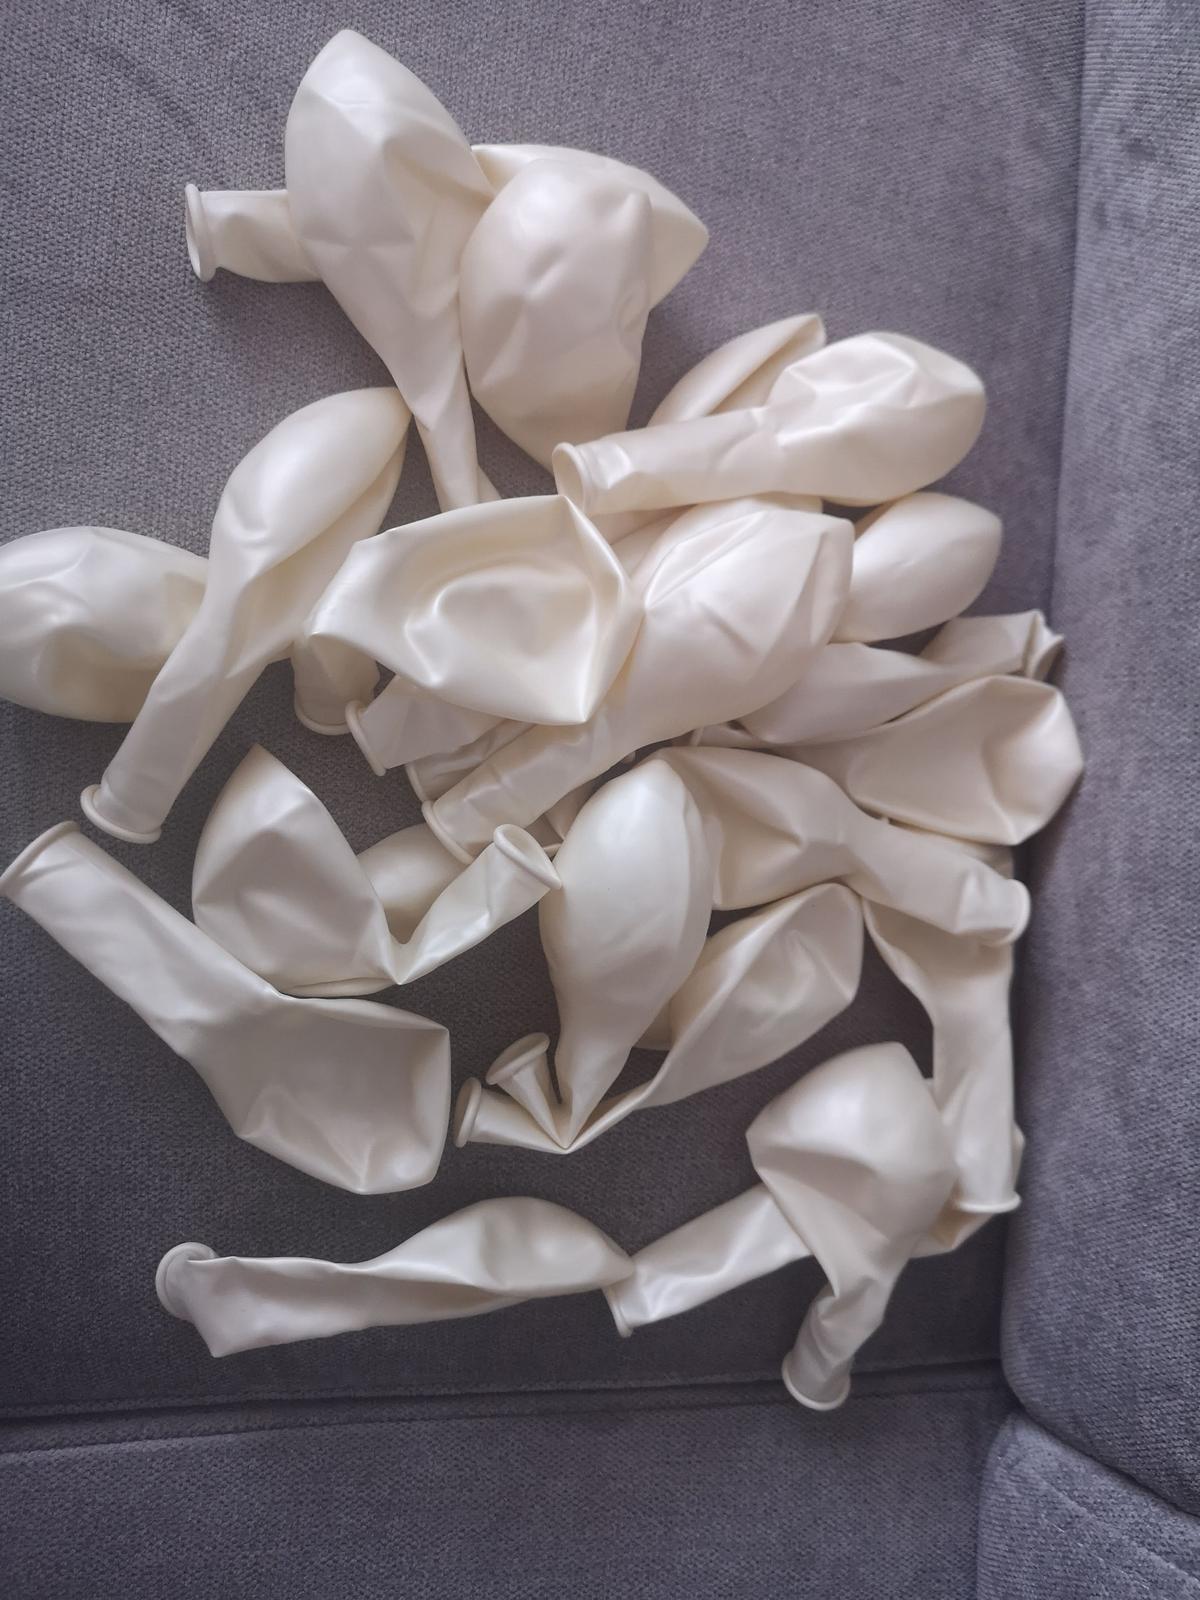 Balonky - Obrázek č. 1